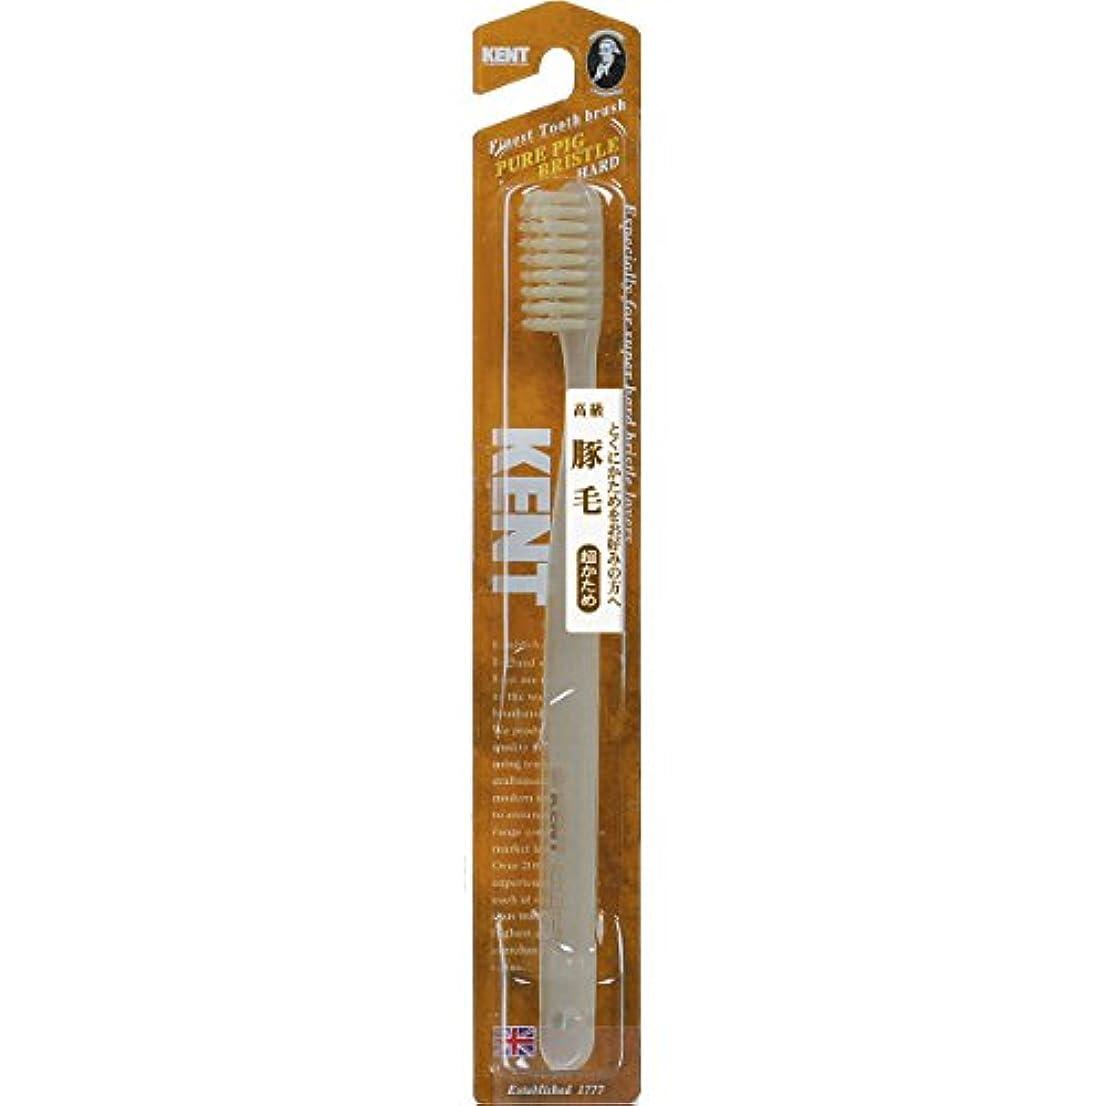 シリンダー電気技師ラブKENT 豚毛歯ブラシ ラージヘッド 超かため KNT-2433 ×8個セット